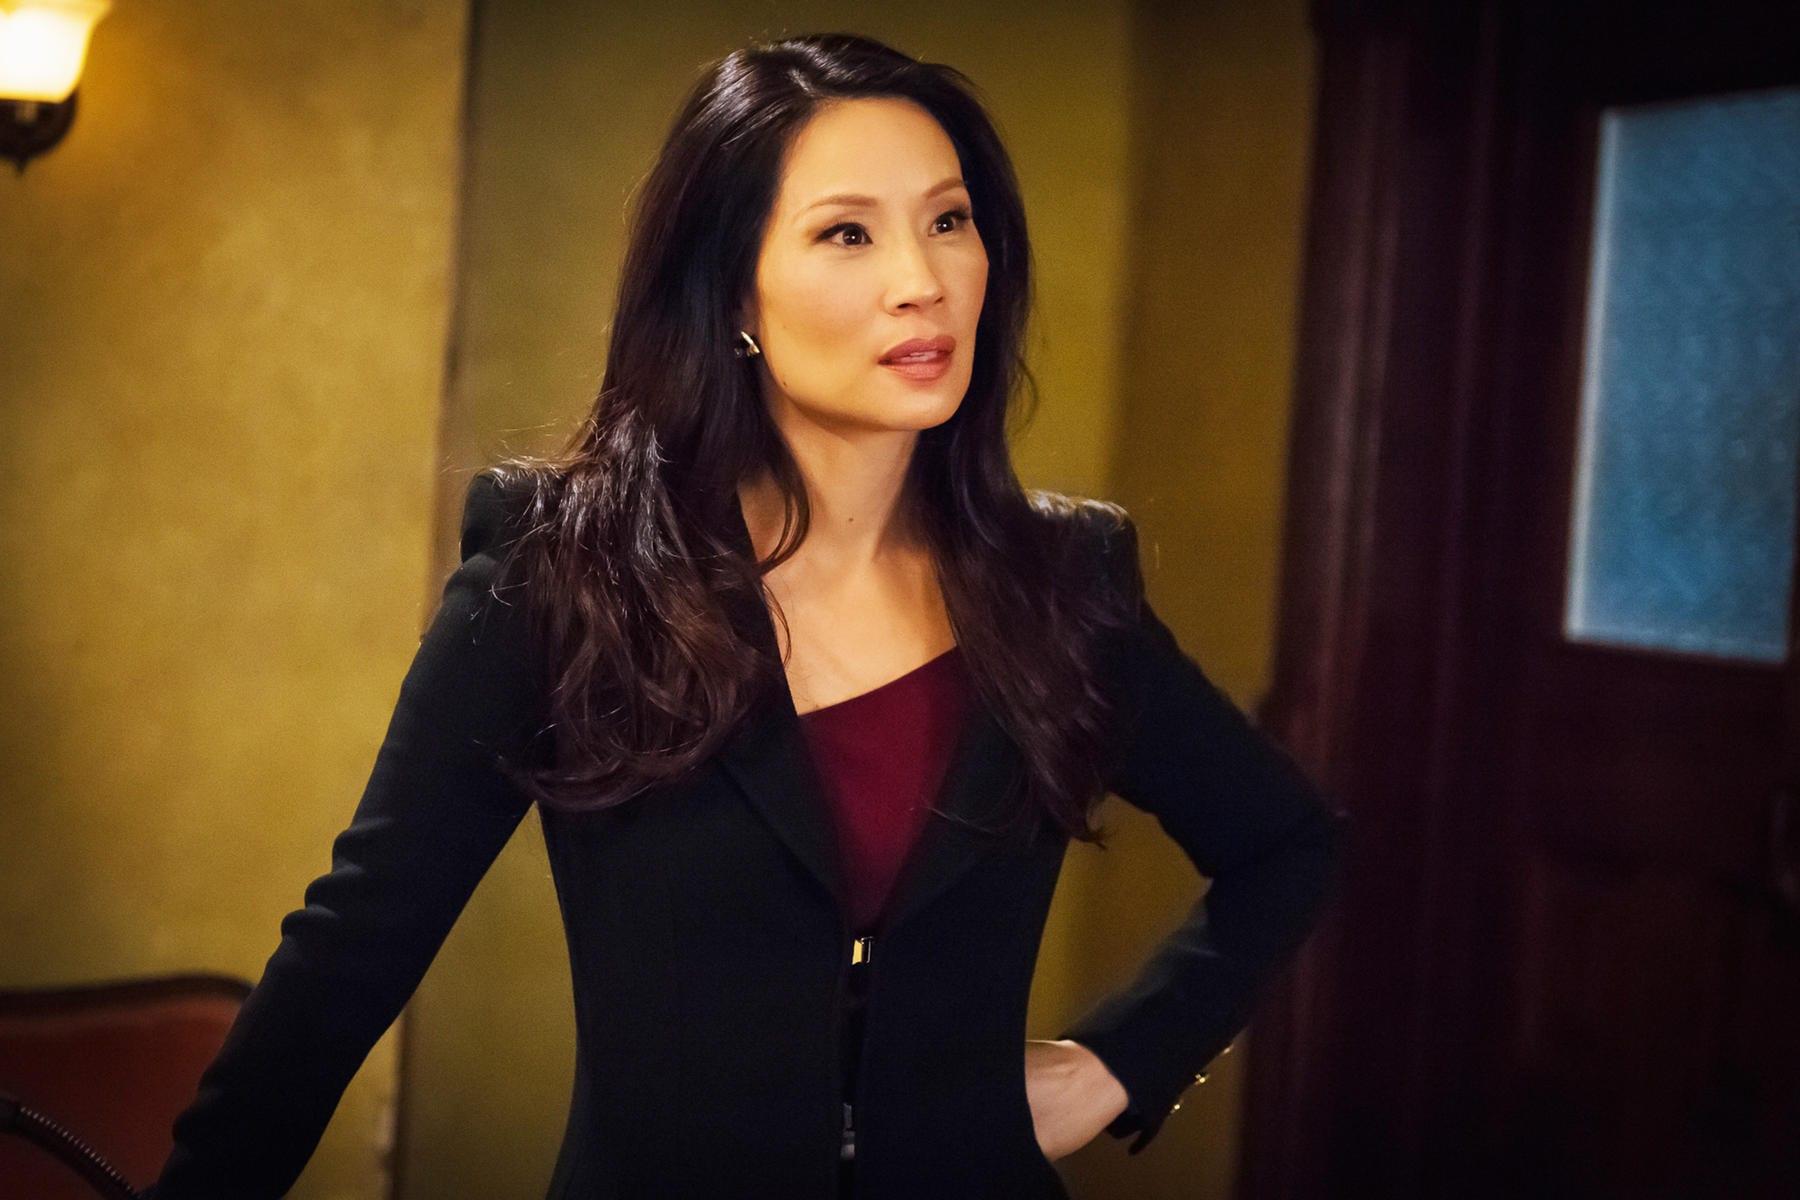 Lucy Liu To Lead Cbs Dramedy Why Women Kill